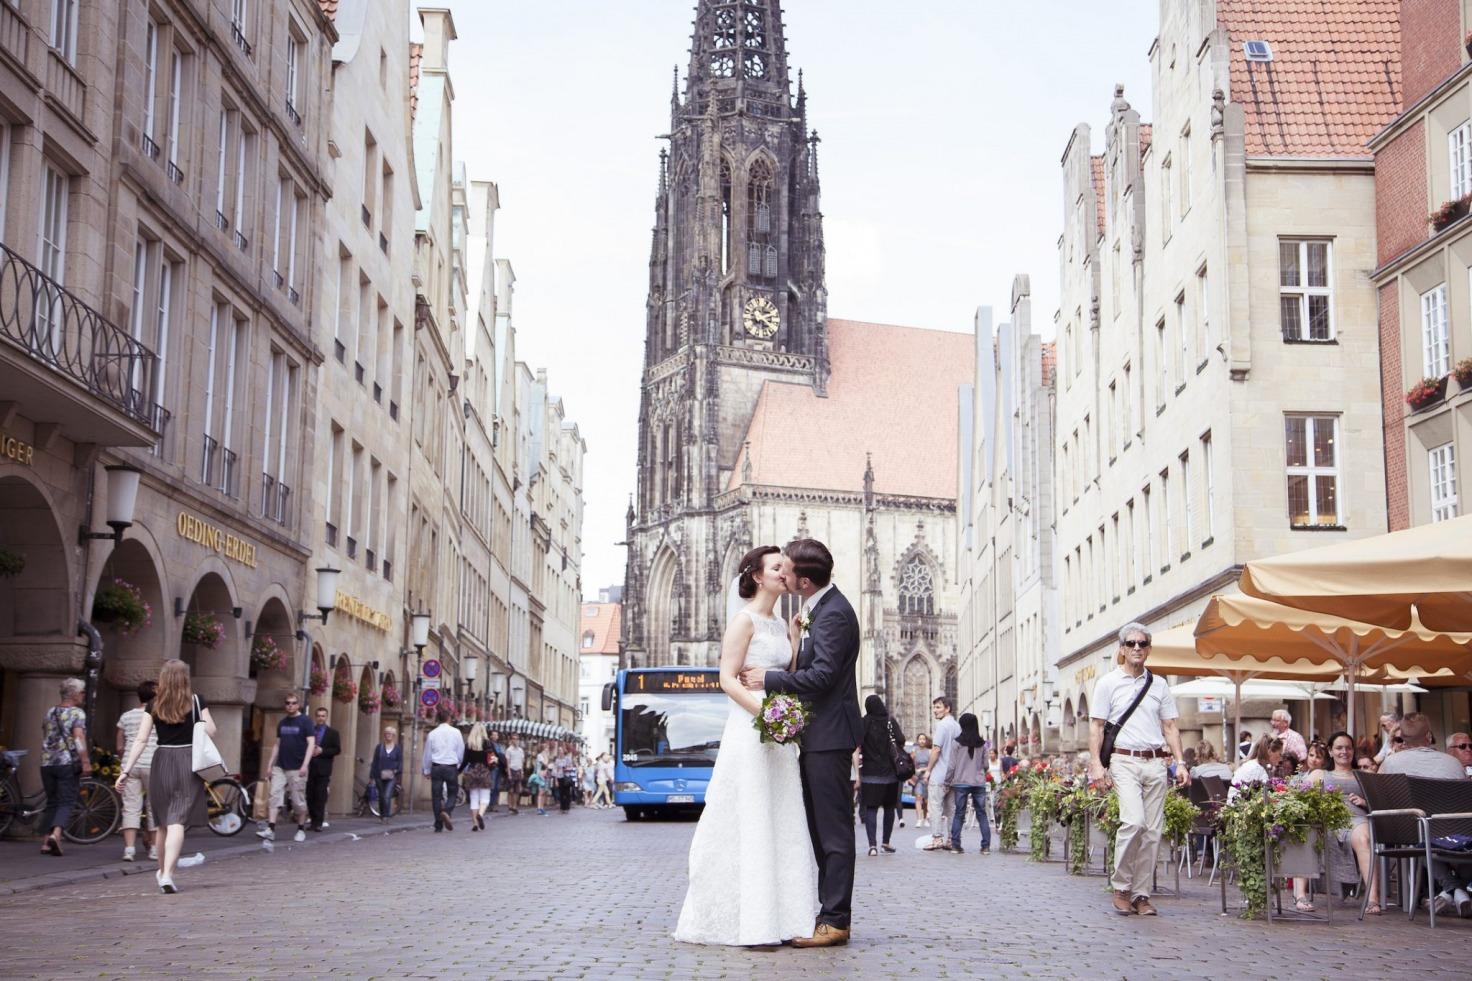 Hochzeit von Laura und Jan in Münster: Brautpaar steht auf einer Straße